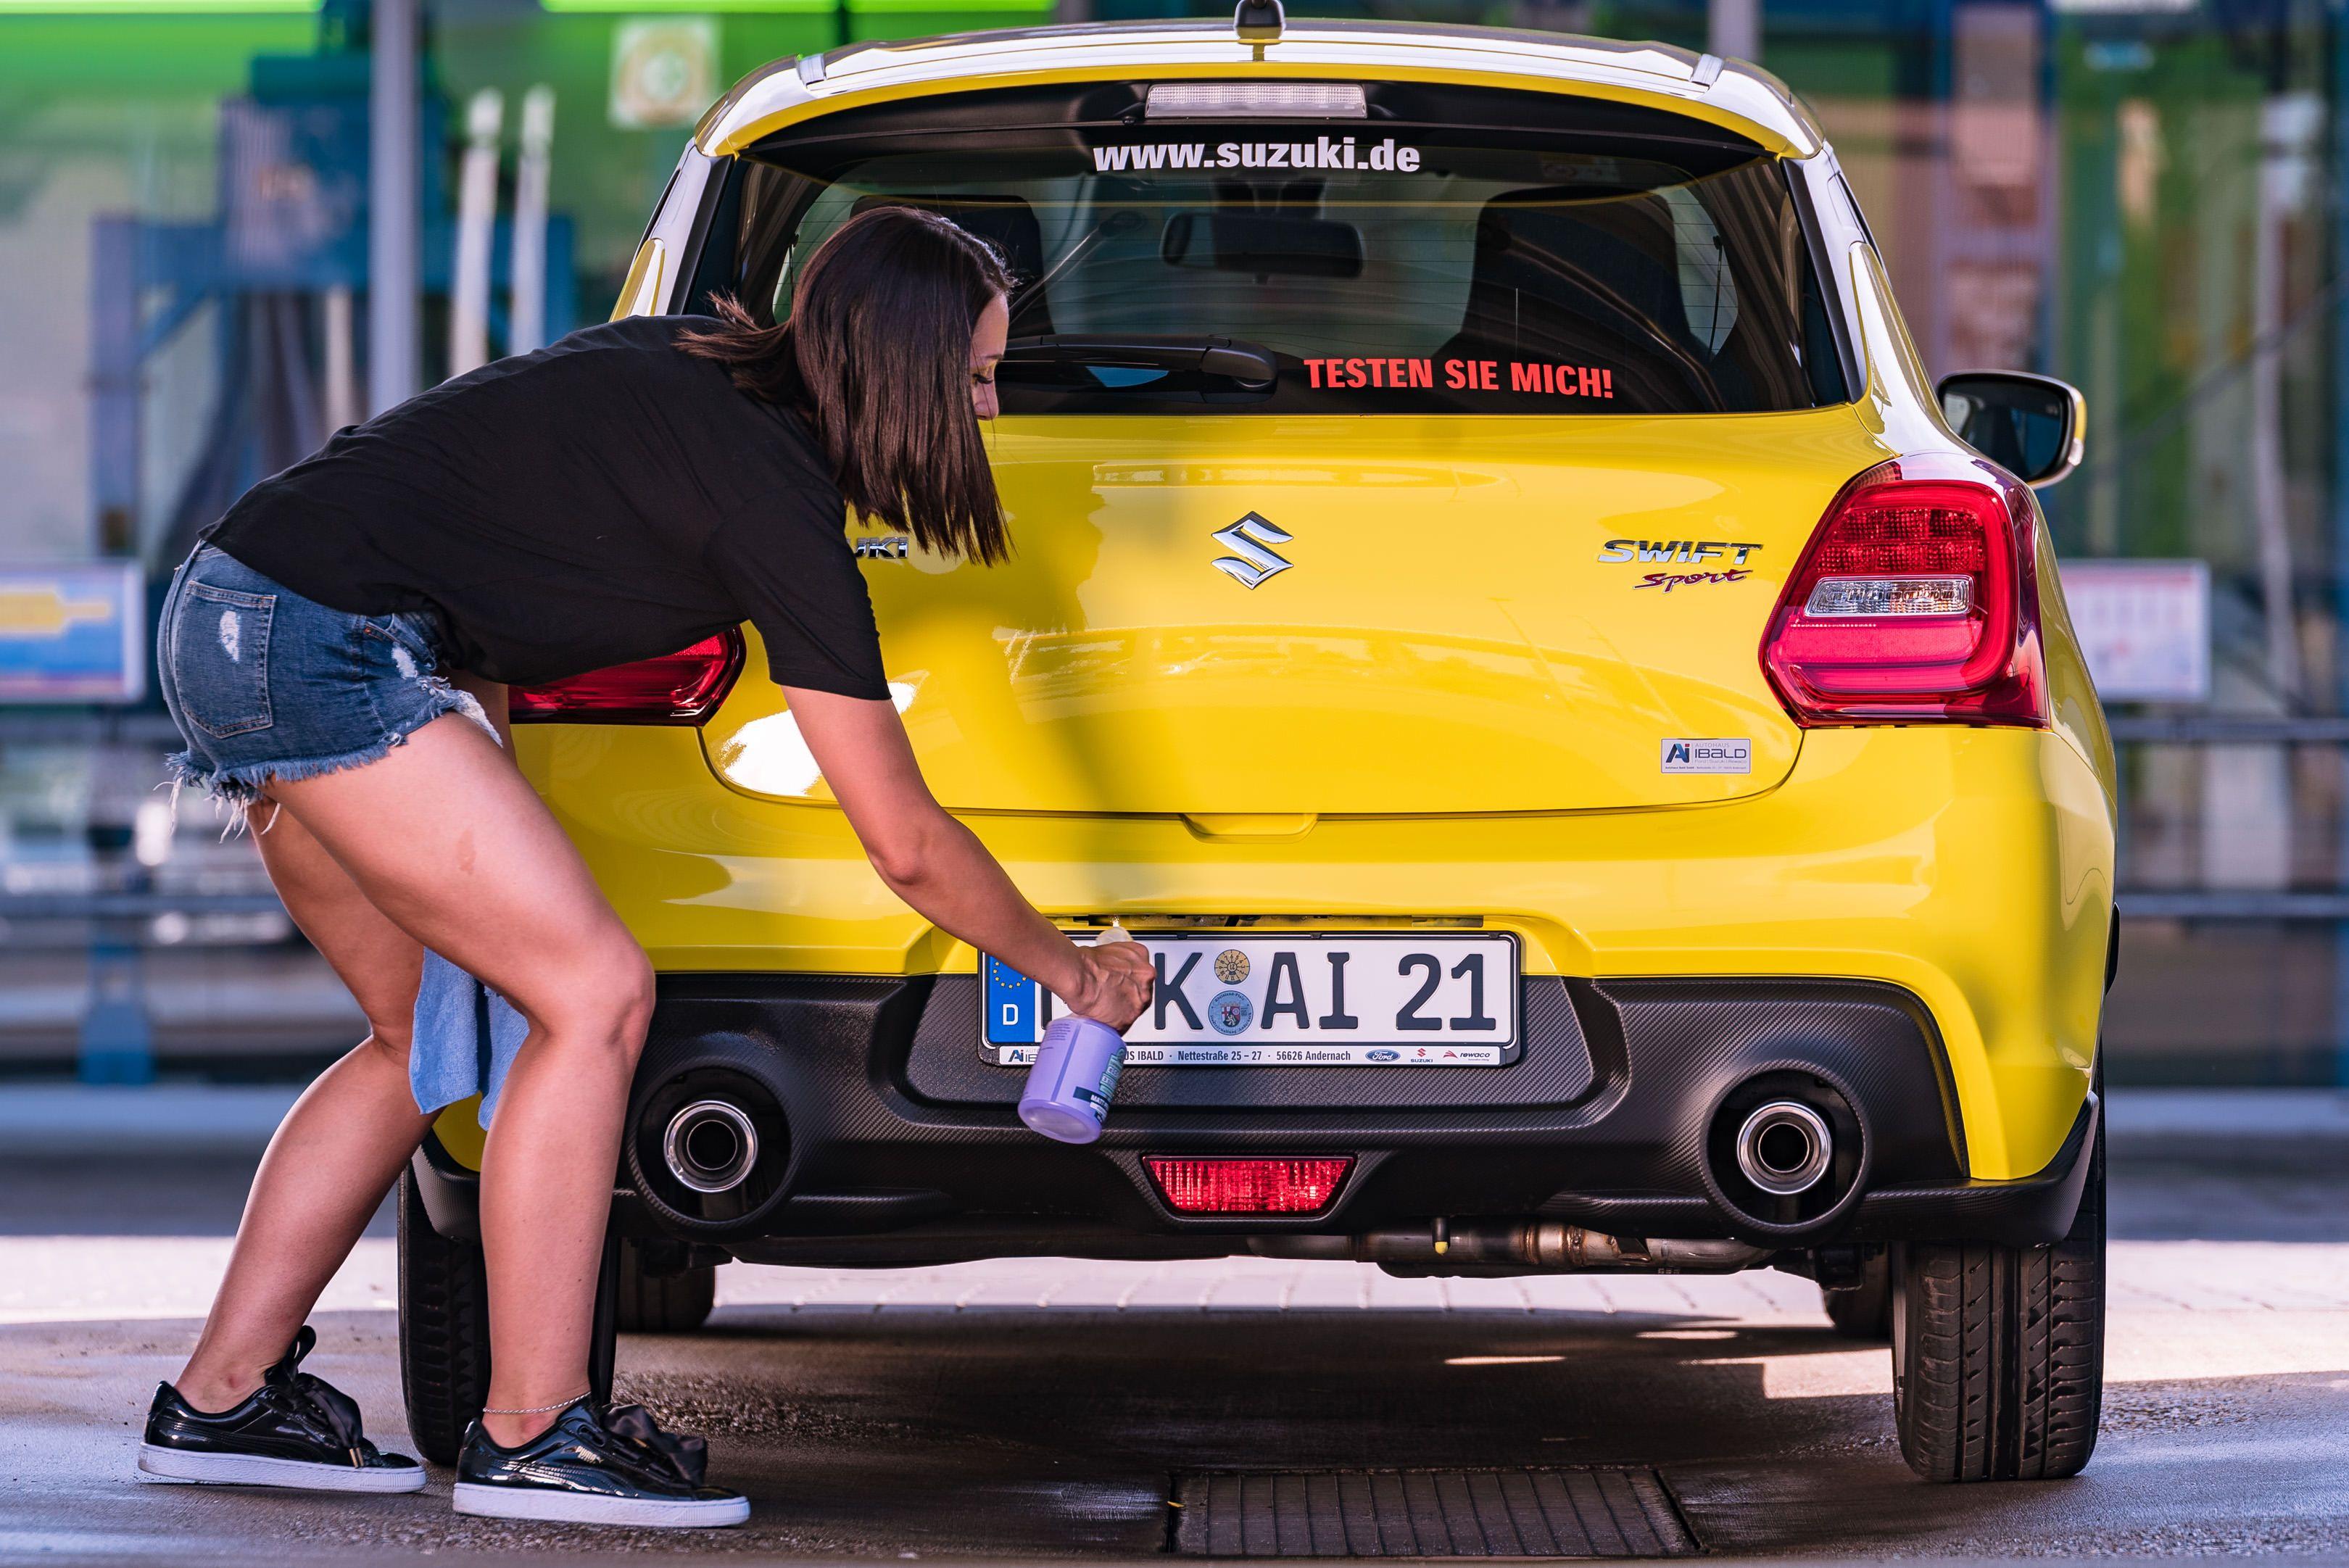 Cleanextreme Der Matt Spezialist Unsere Matt Pflege Reinigt Pflegt Und Versiegelt Matten Lack Matte Folie Autosprühfolie In Einem Sc Neuwagen Matt Pflege